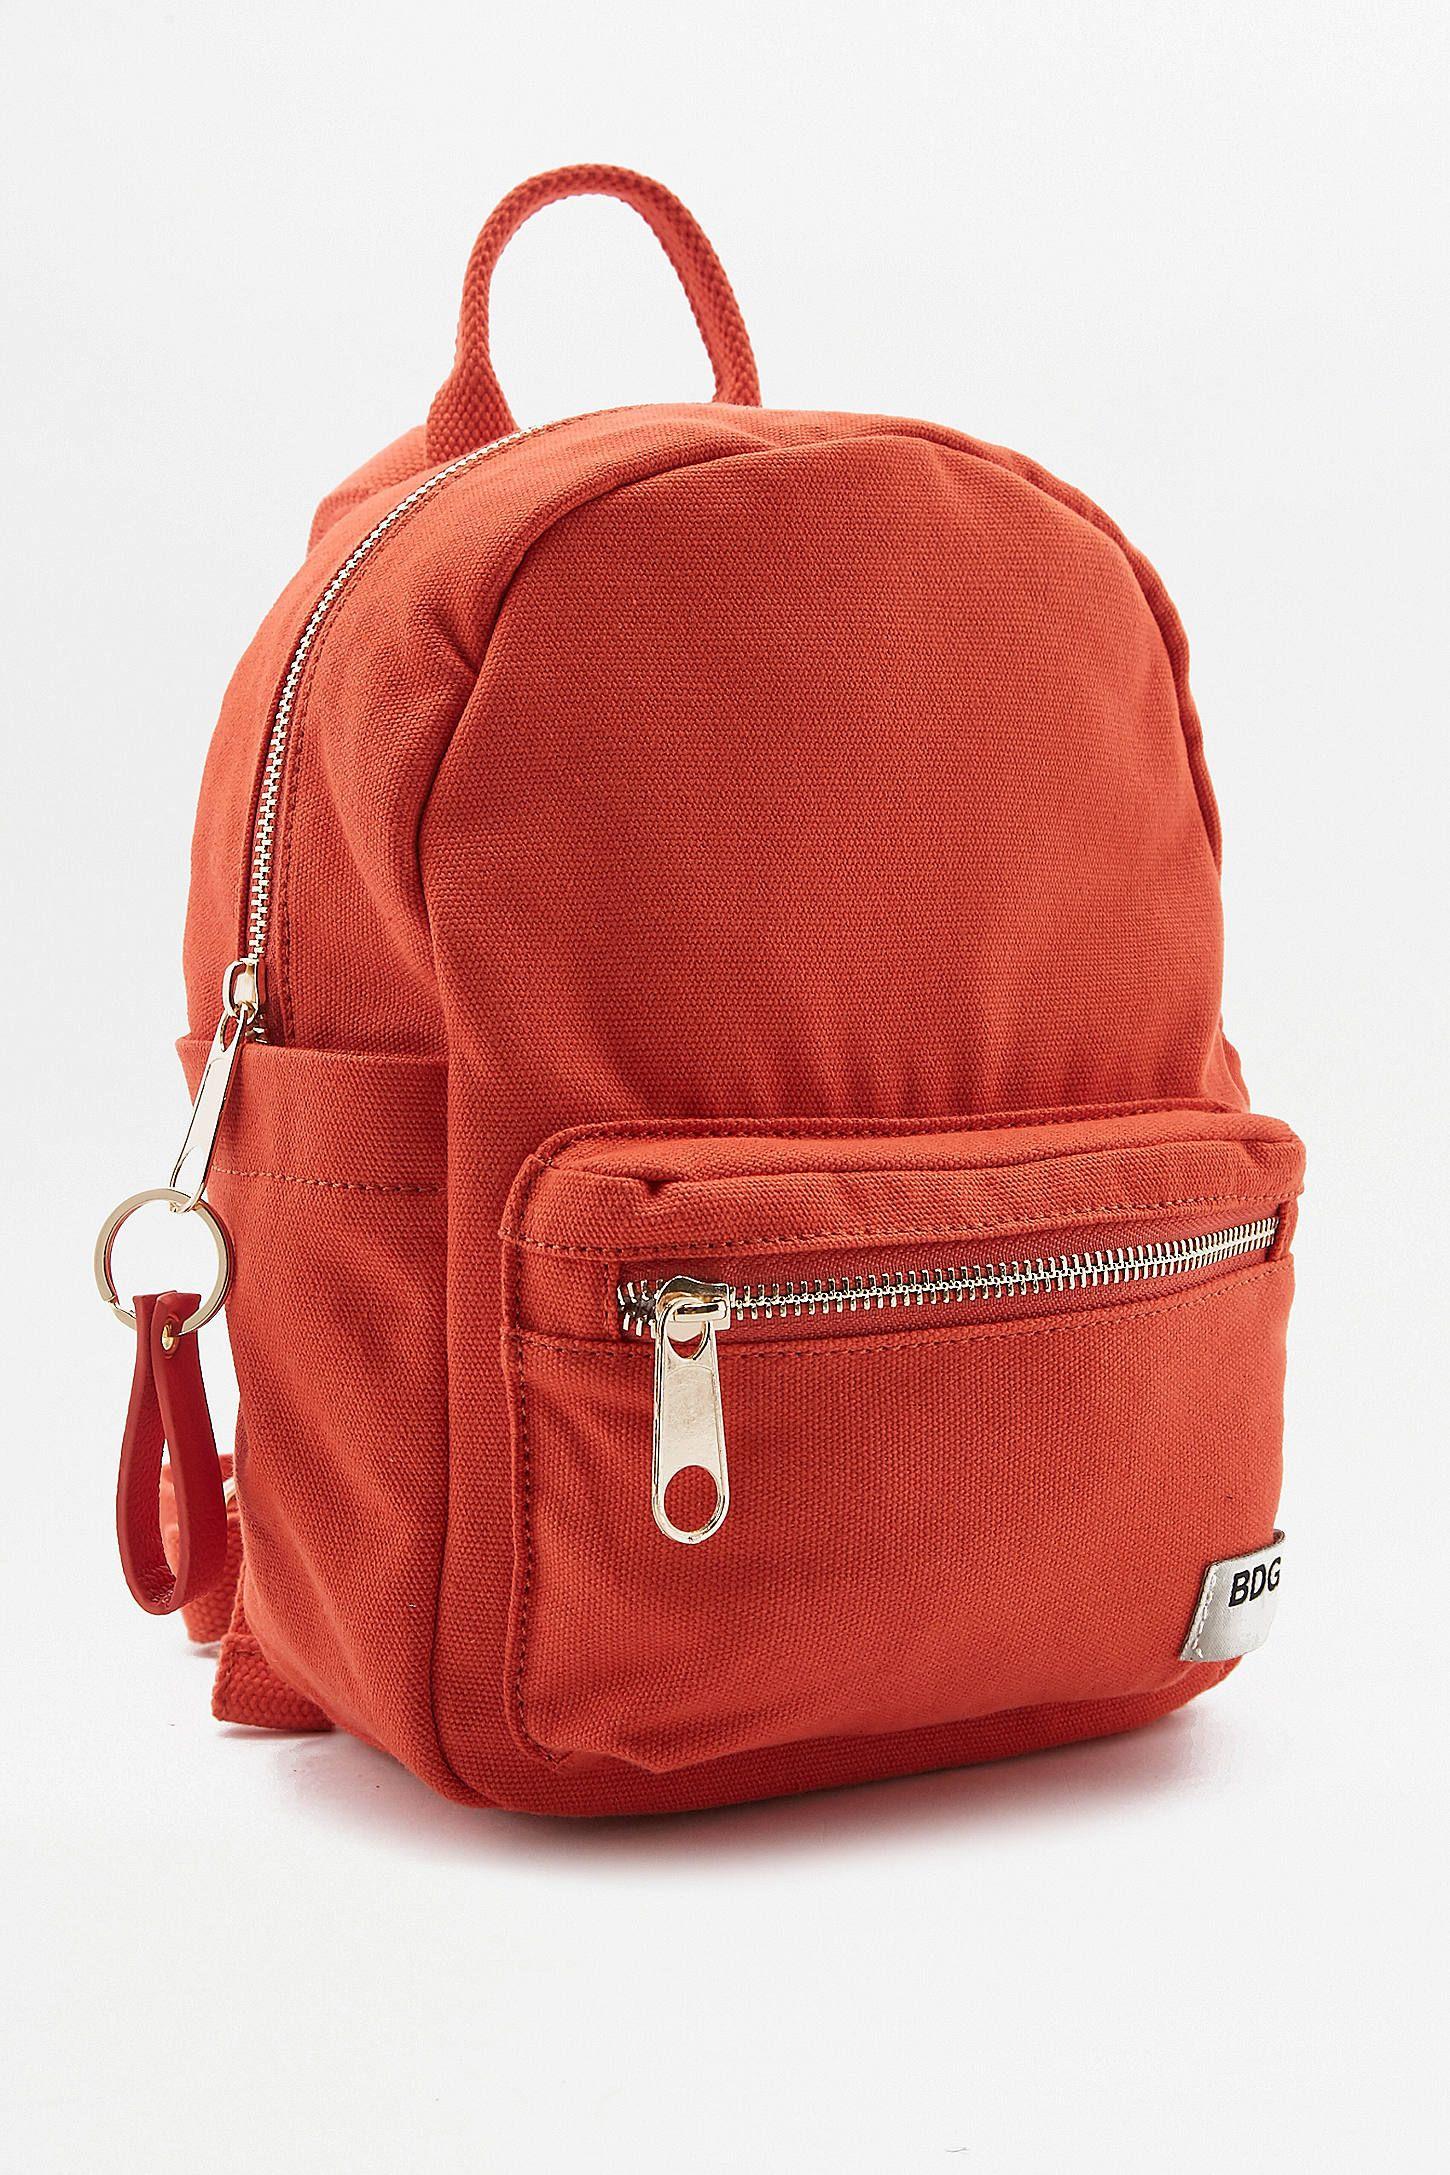 large choix de designs vente chaude en ligne meilleure valeur BDG Canvas Mini Backpack | WHISHLIST | Petit sac à dos ...